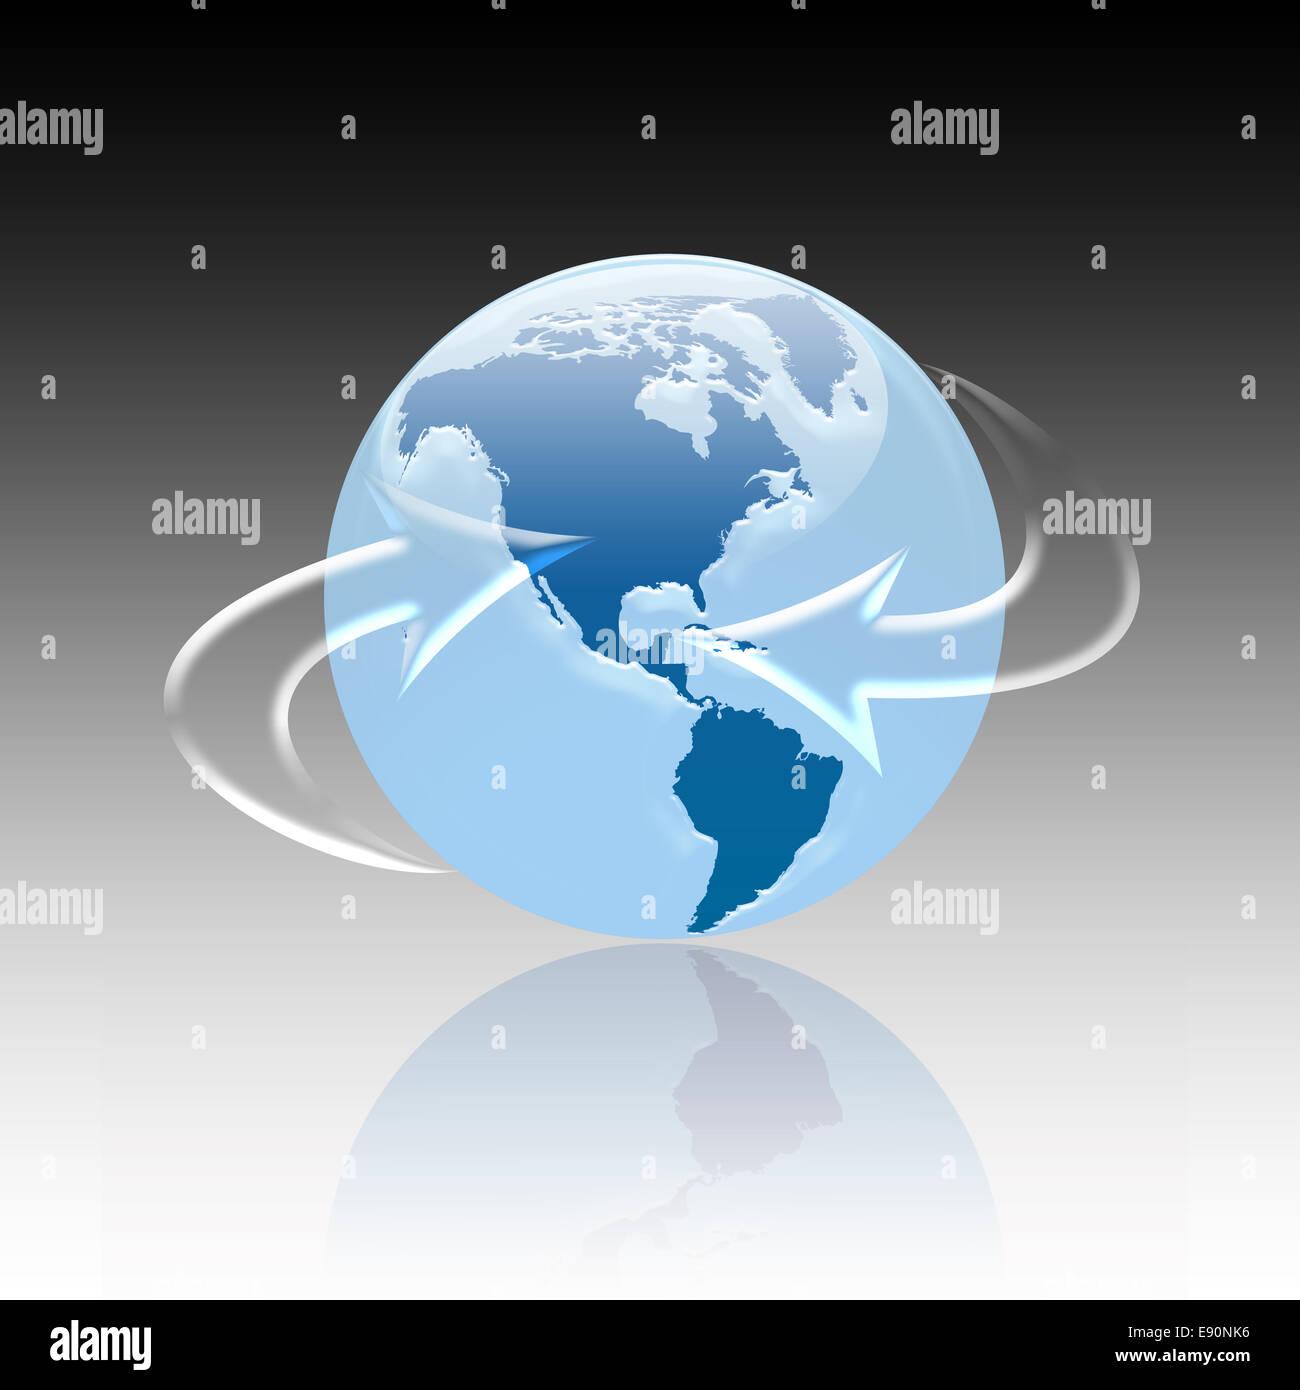 Globus Stock Photo